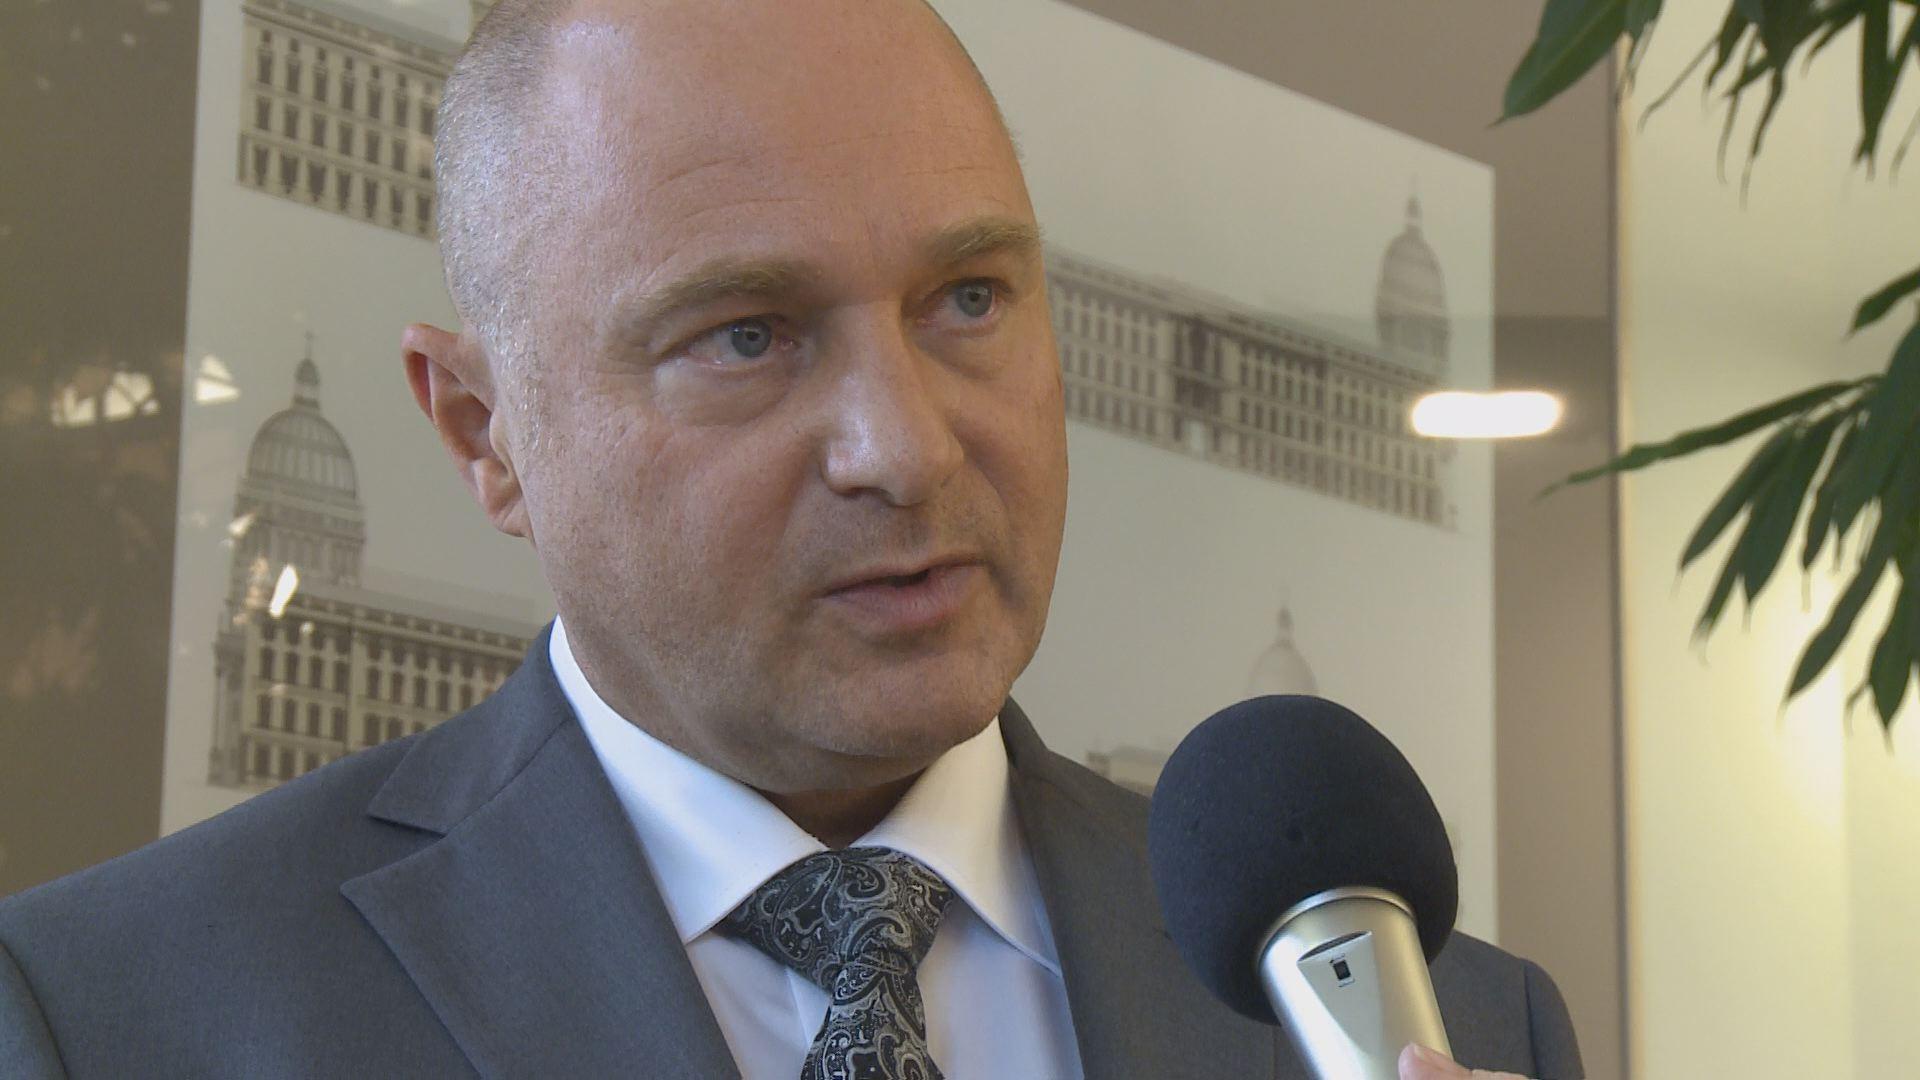 Versprochene Hilfe? StS. Bomba für mehr Schallschutz Anlässlich einer Zusammenkunft mit Vertretern der Bürgerinitiativen gegen Fluglärm sprach BBB TV mit Staatssekretär Rainer Bomba.